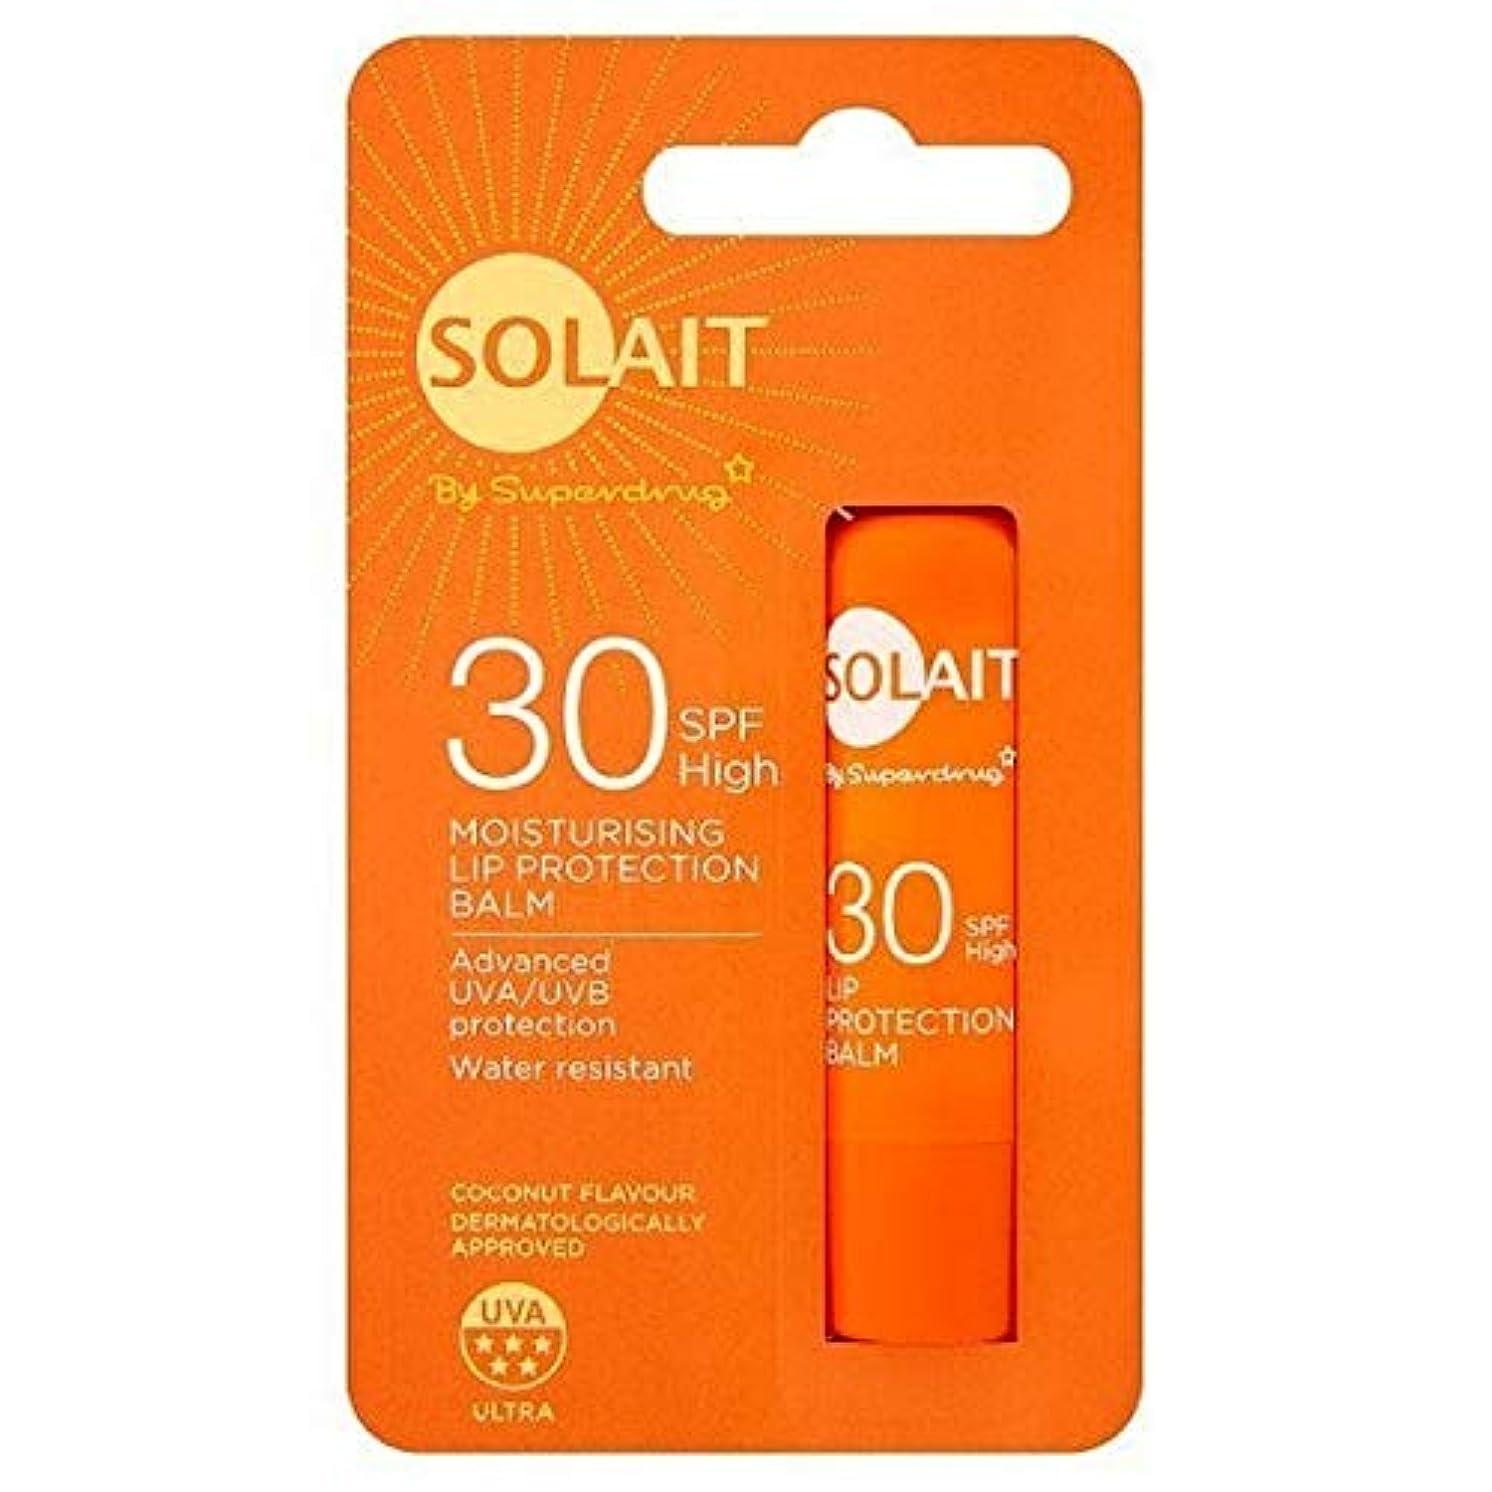 キャプテンブライ屋内支払い[Solait] SolaitリッププロテクタースティックSpf30の4,8G - Solait Lip Protector Stick SPF30 4,8g [並行輸入品]